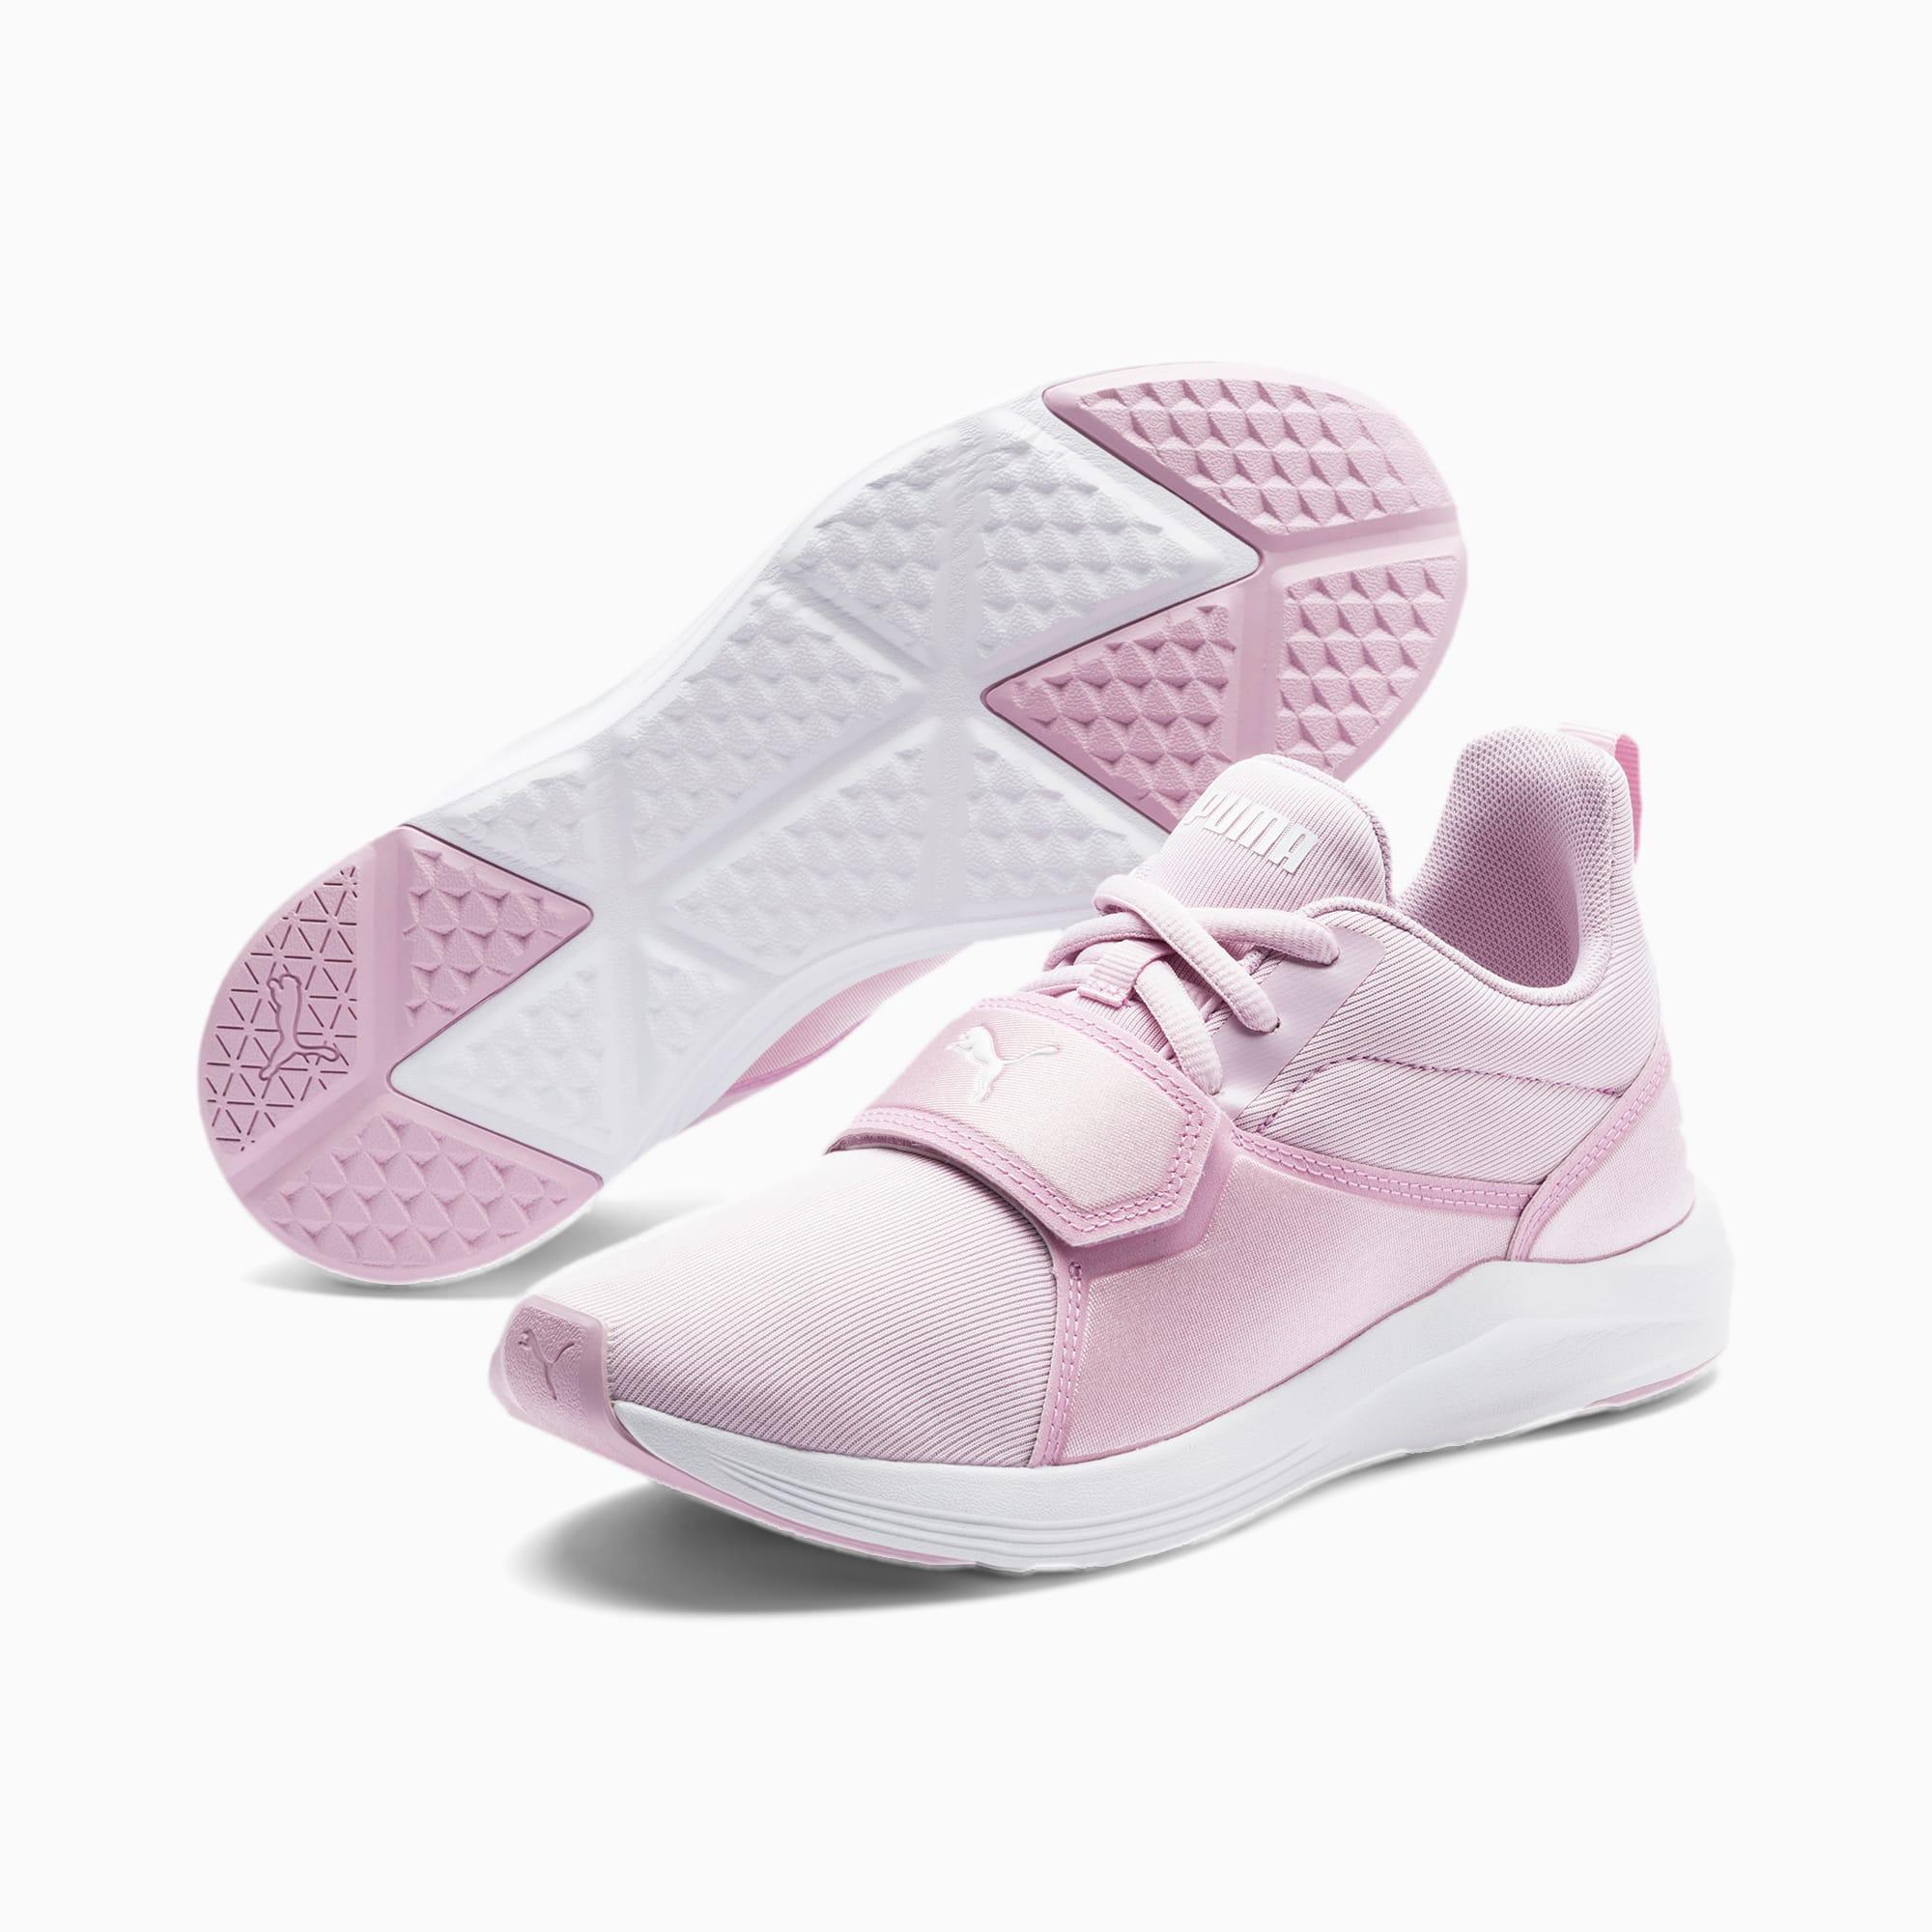 puma italia shoes